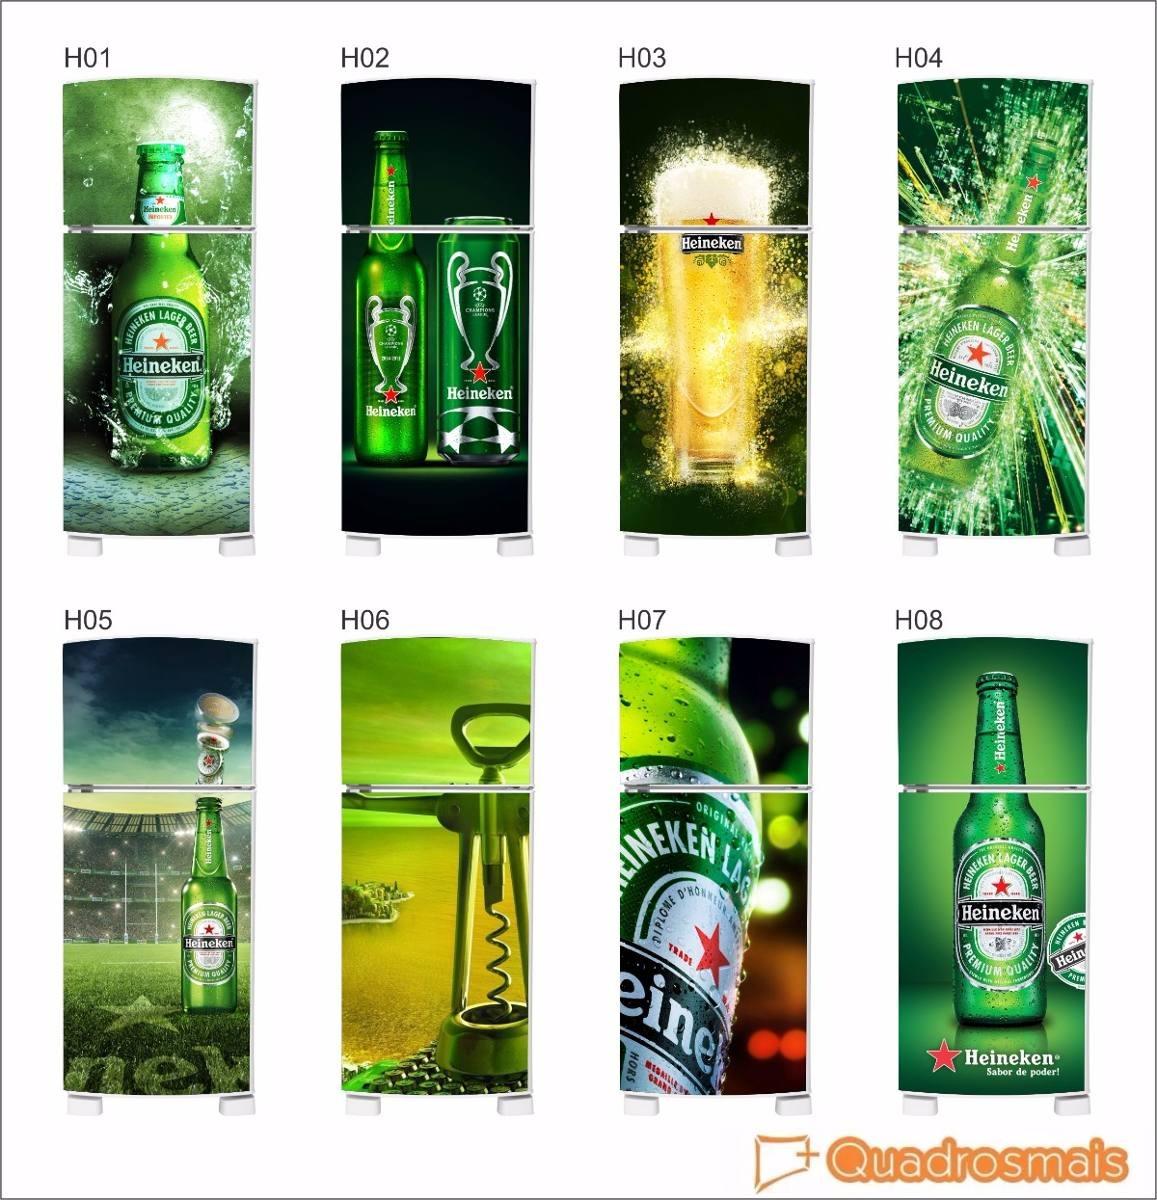 Aparador Sa Tagalog ~ Adesivo Heineken Para Envelopamento Geladeira Frete Grátis R$ 78,00 em Mercado Livre